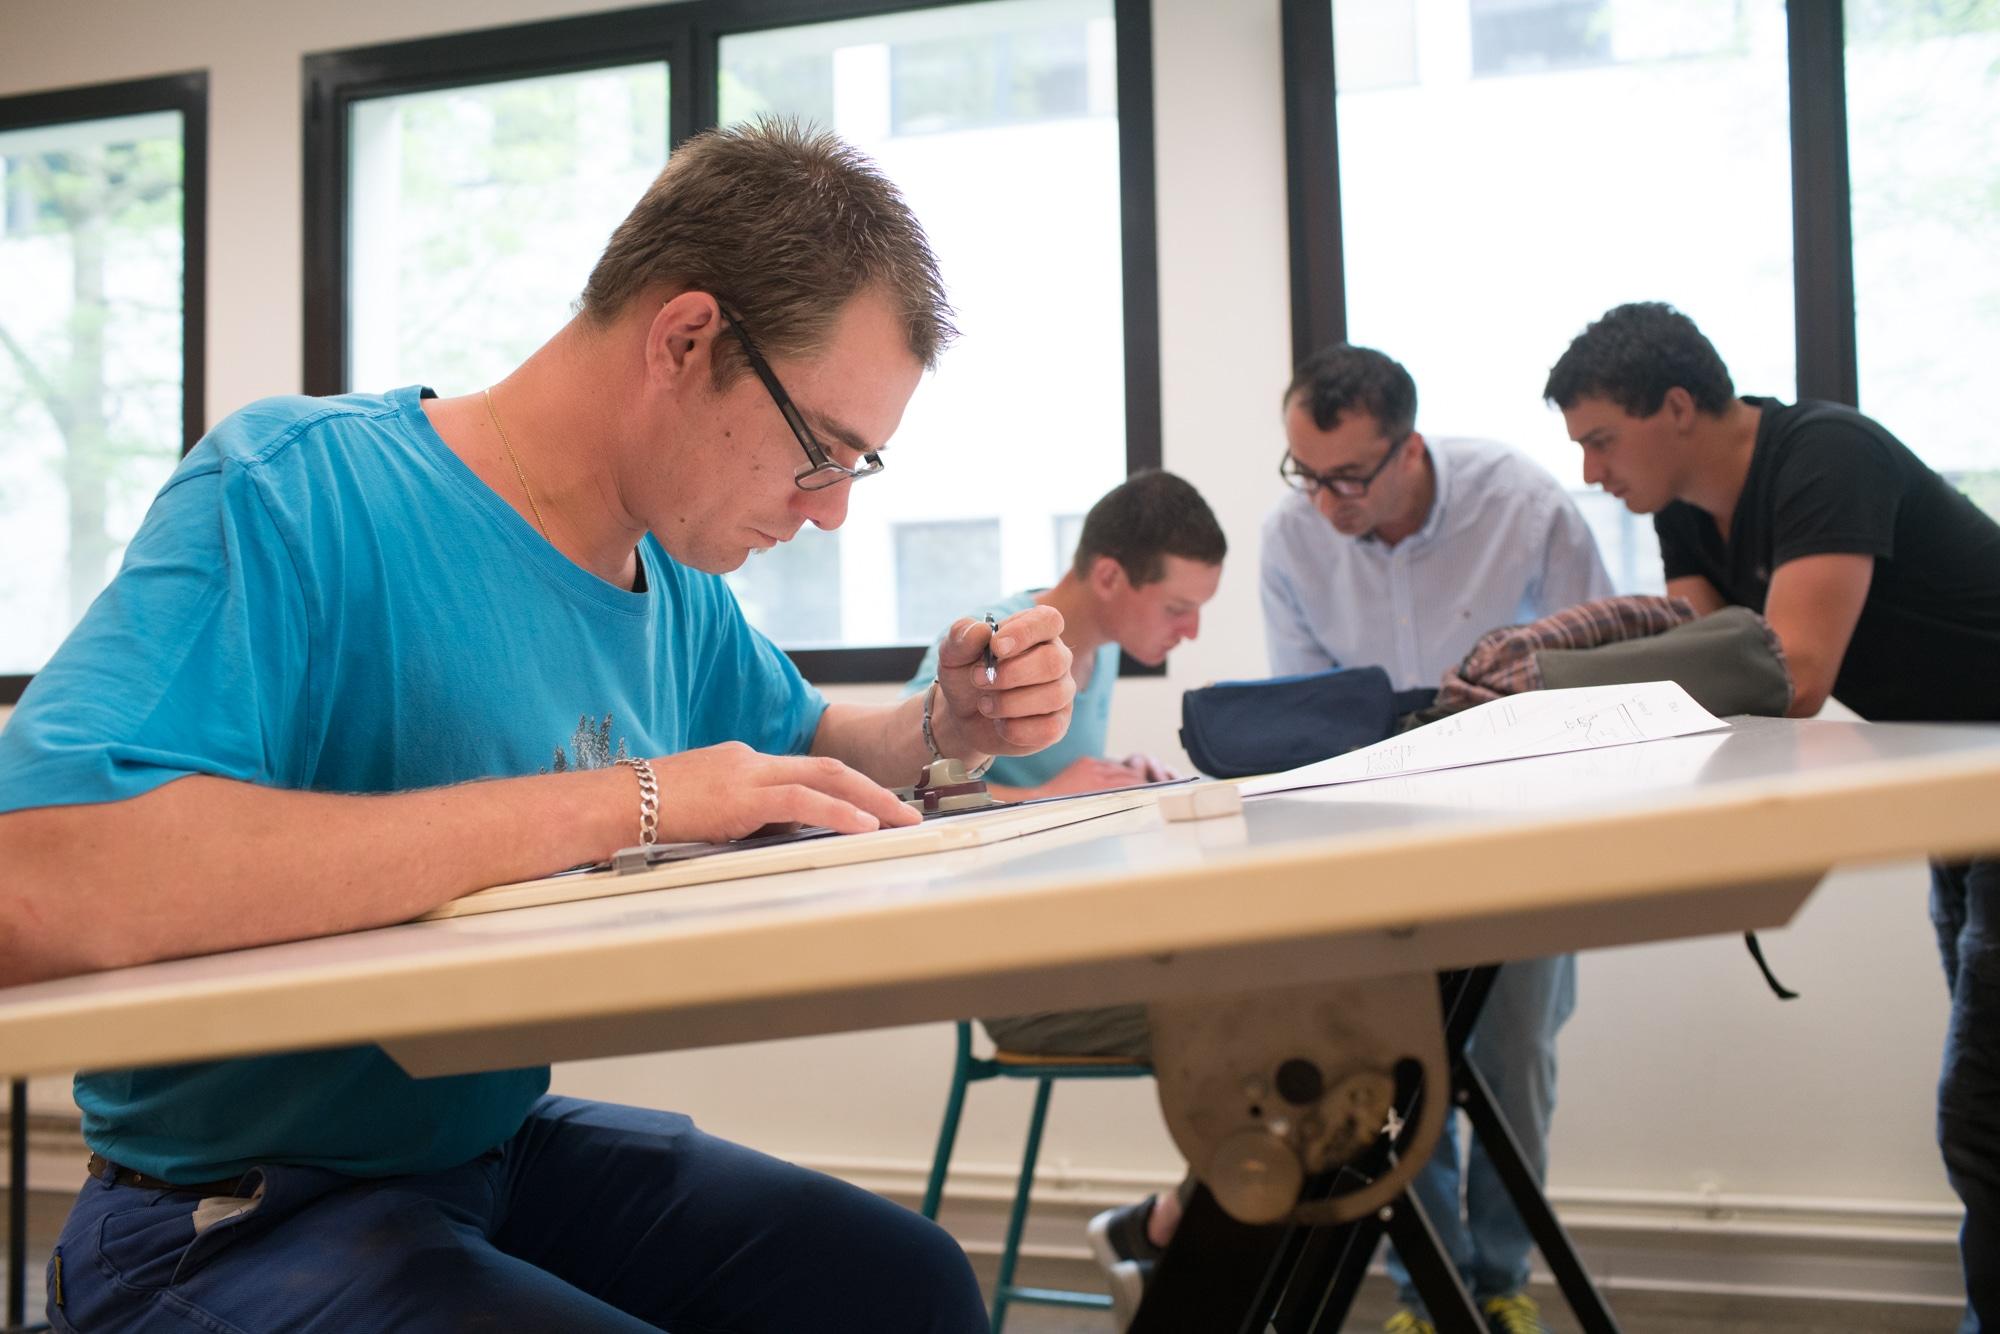 Assis et penché sur une table inclinée, Edouard réalise un plan avec un porte mine et divers outils de mesure